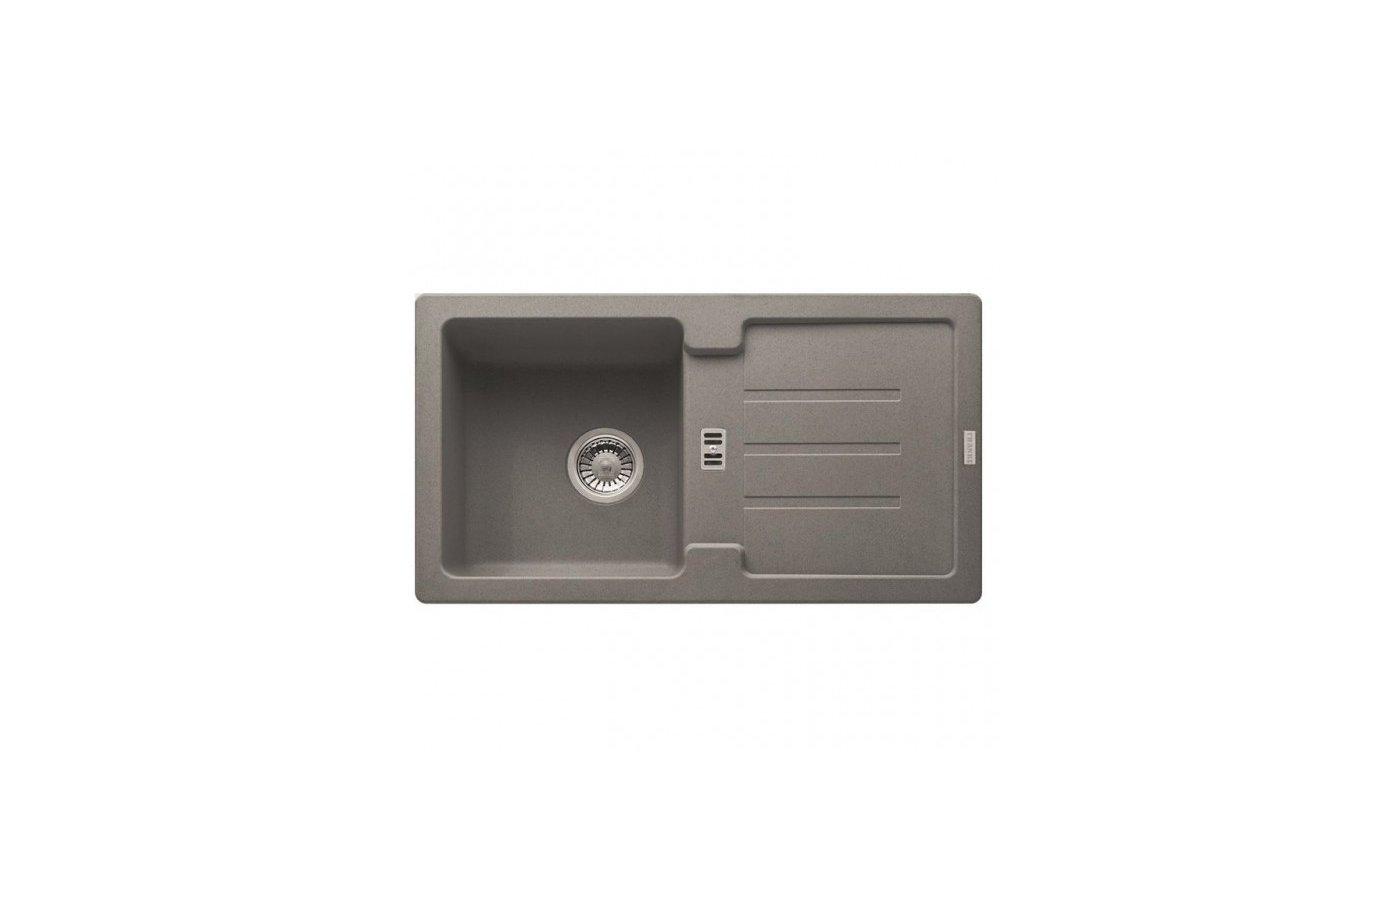 Кухонная мойка FRANKE Strata 614-78 серый